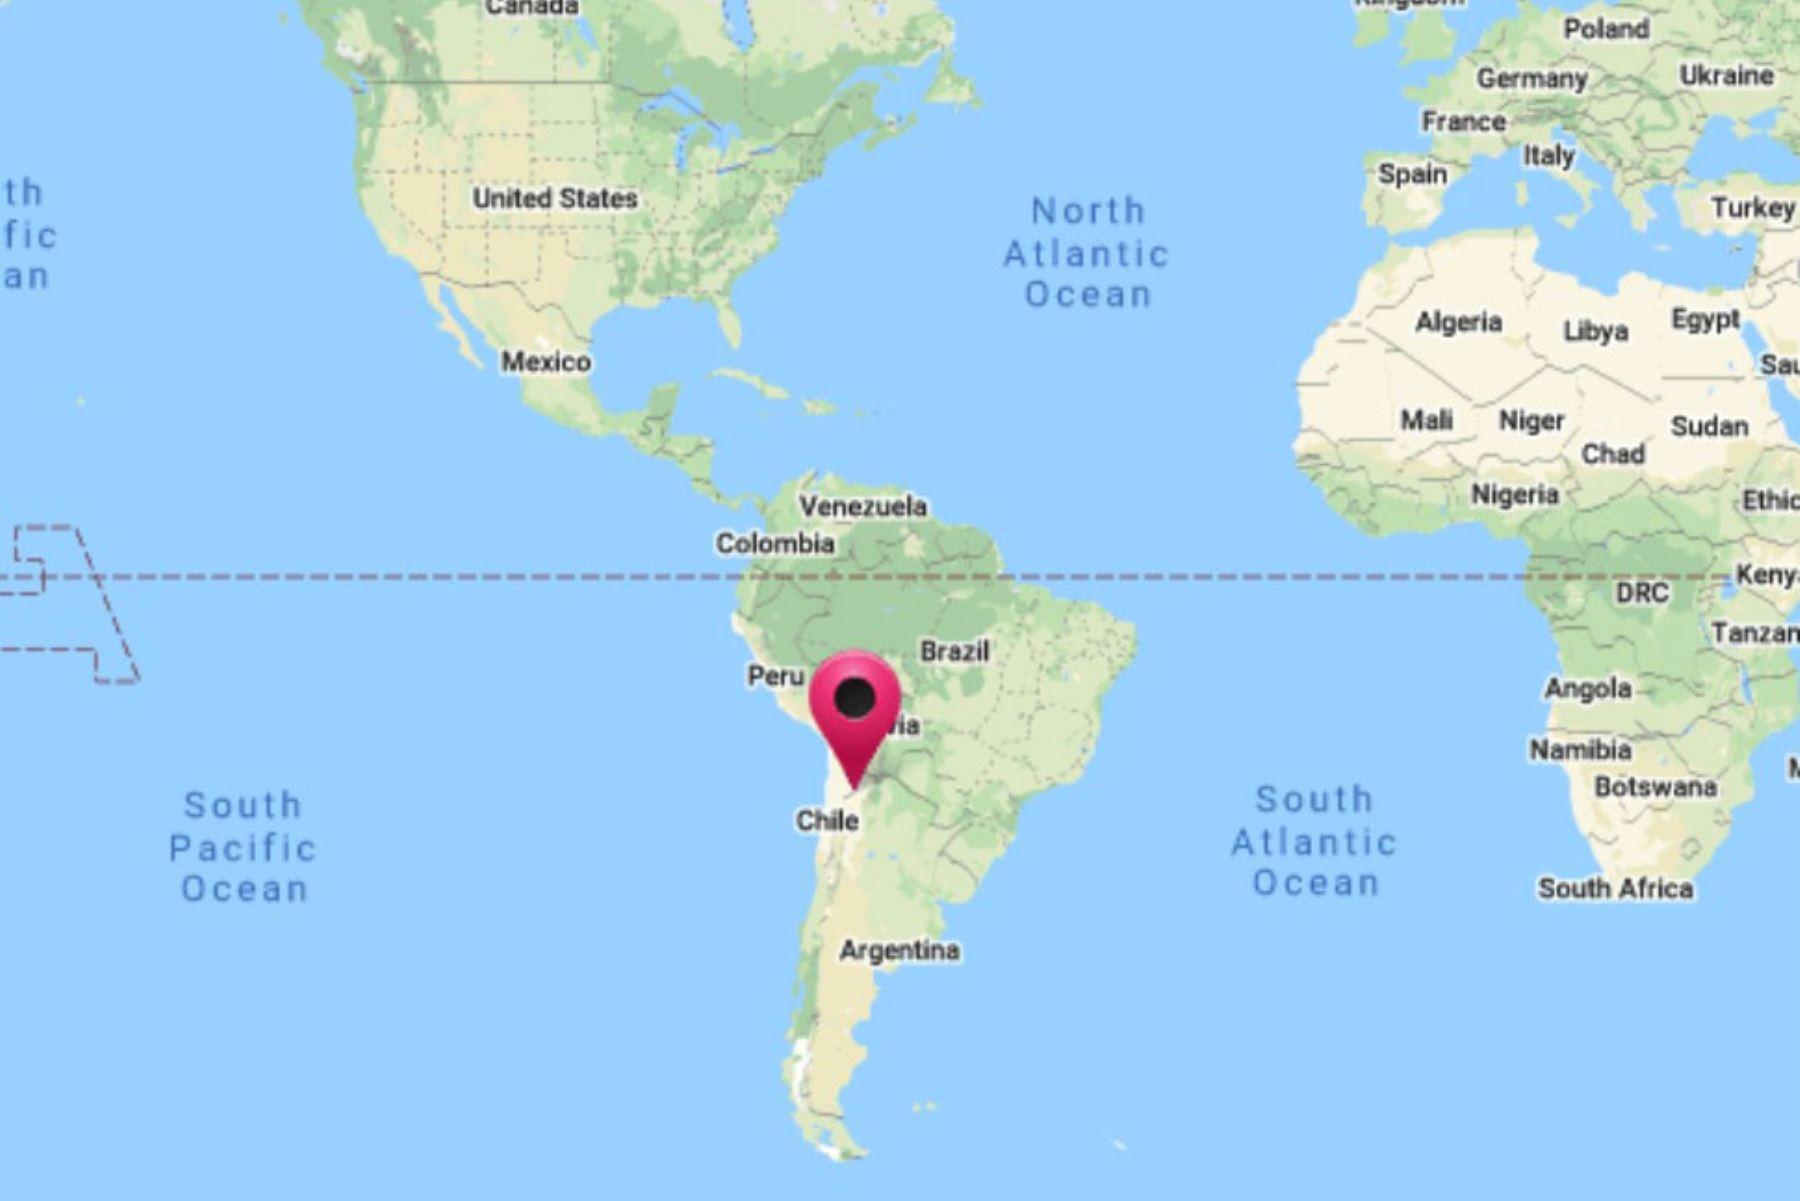 Sismo de magnitud 6.3 se registró a 76 kilómetros al oeste-suroeste de San Antonio de los Cobres, Argentina. Gráfico: DHN